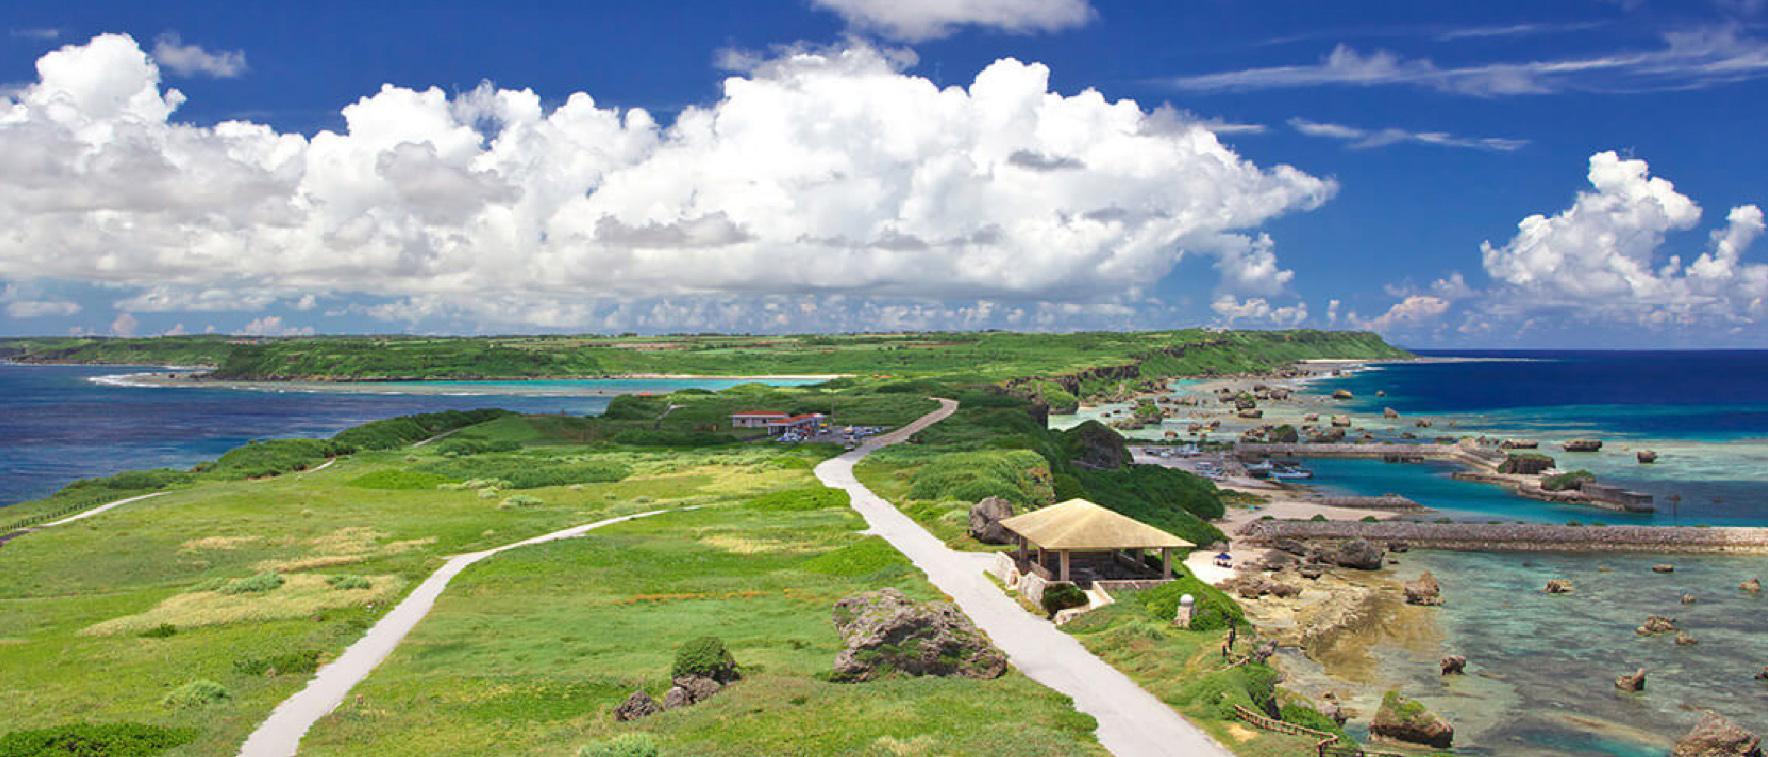 エコアイランド宮古島マニフェスト「千年先の、未来へ。」